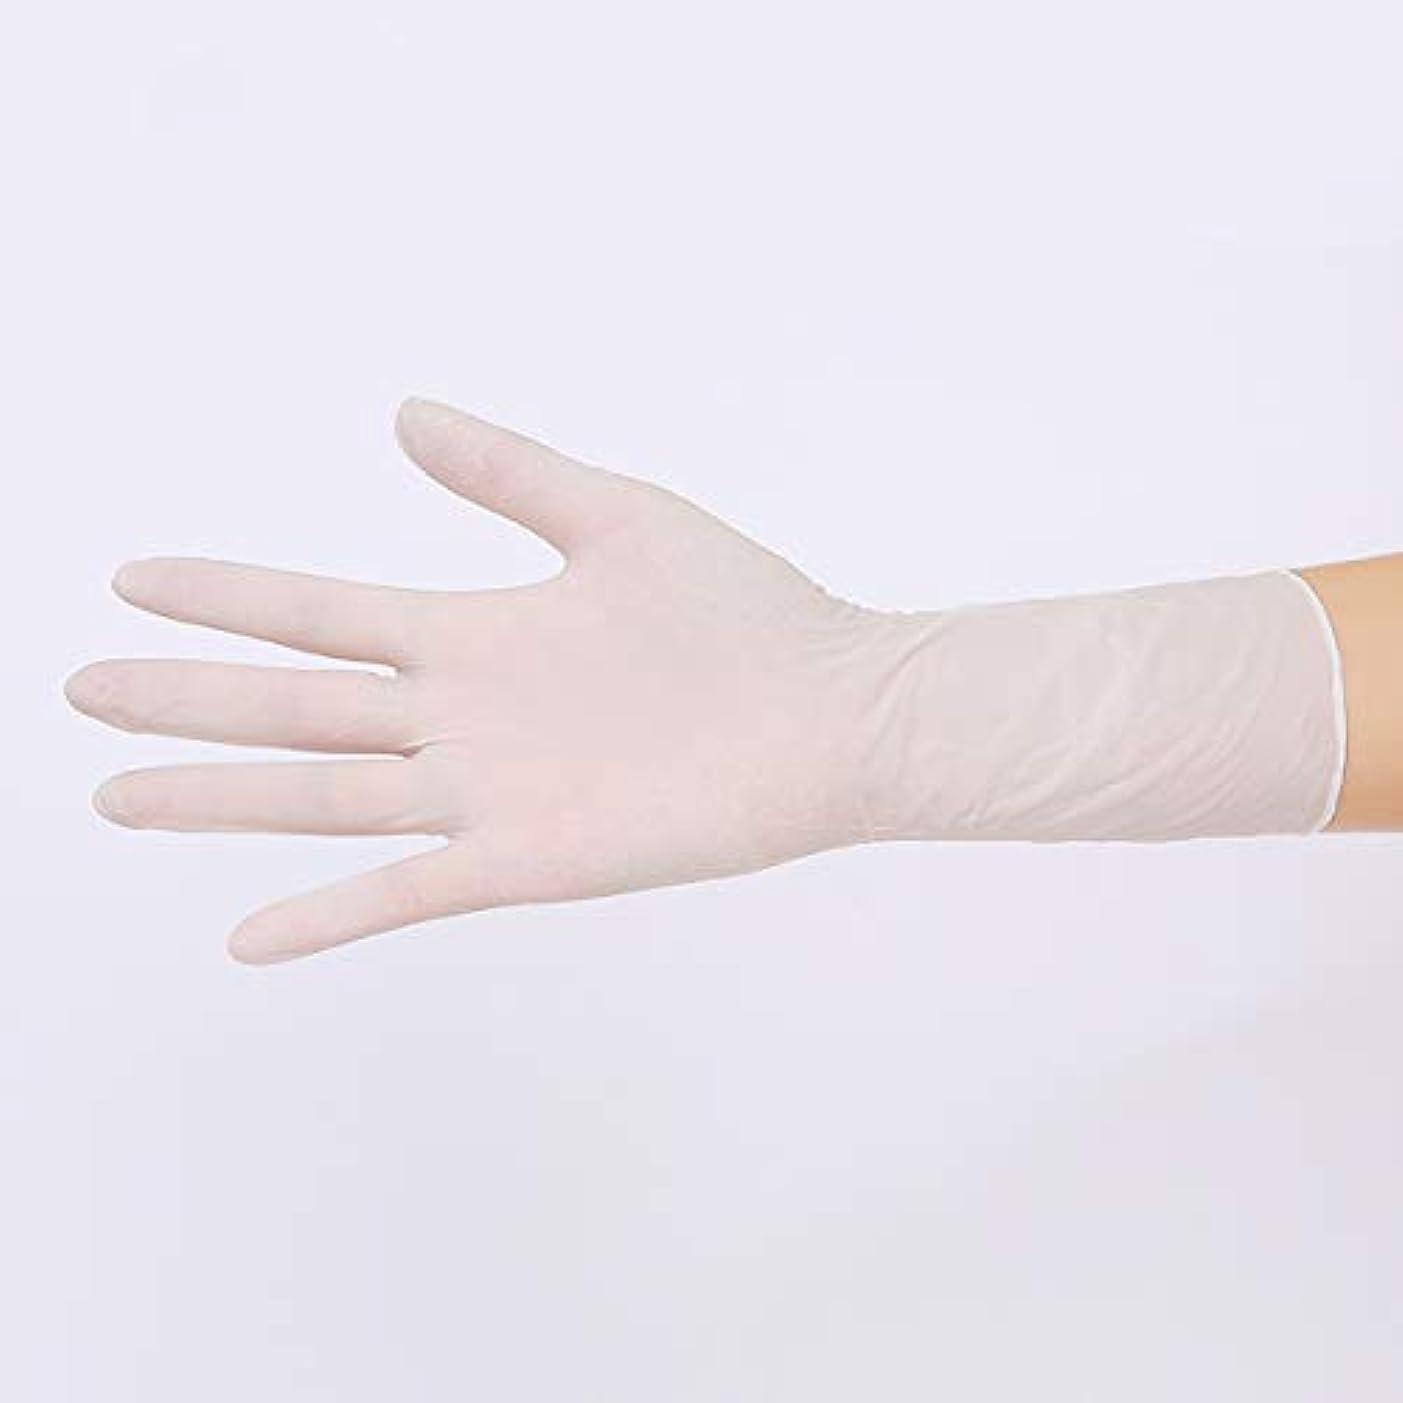 さておきブリードドキュメンタリーニトリルグローブ 使い捨て手袋 グローブ パウダーフリー 作業 介護 調理 炊事 園芸 掃除用,Whitelength100,S